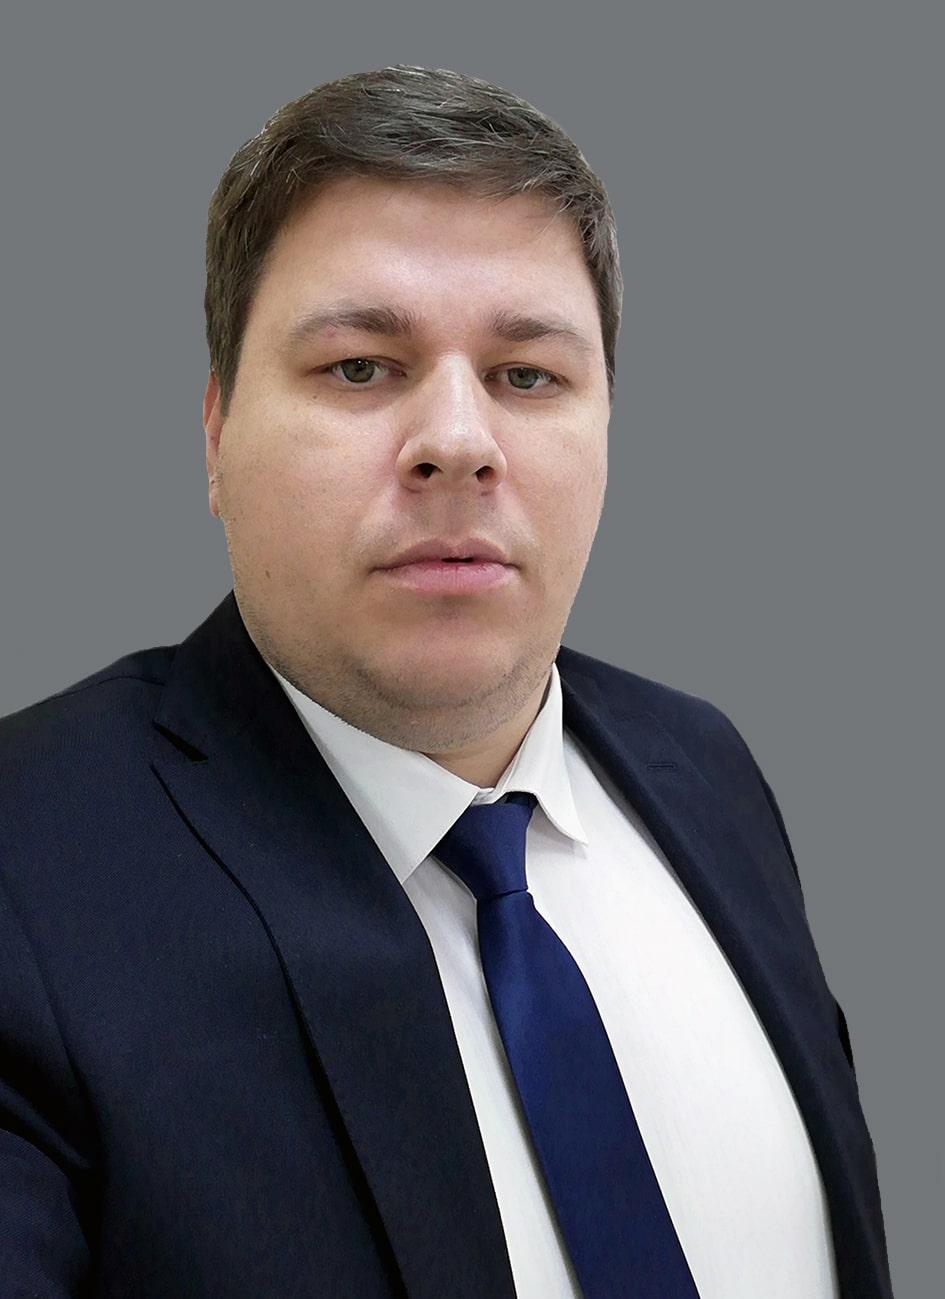 Артем Васильевич Богославцев